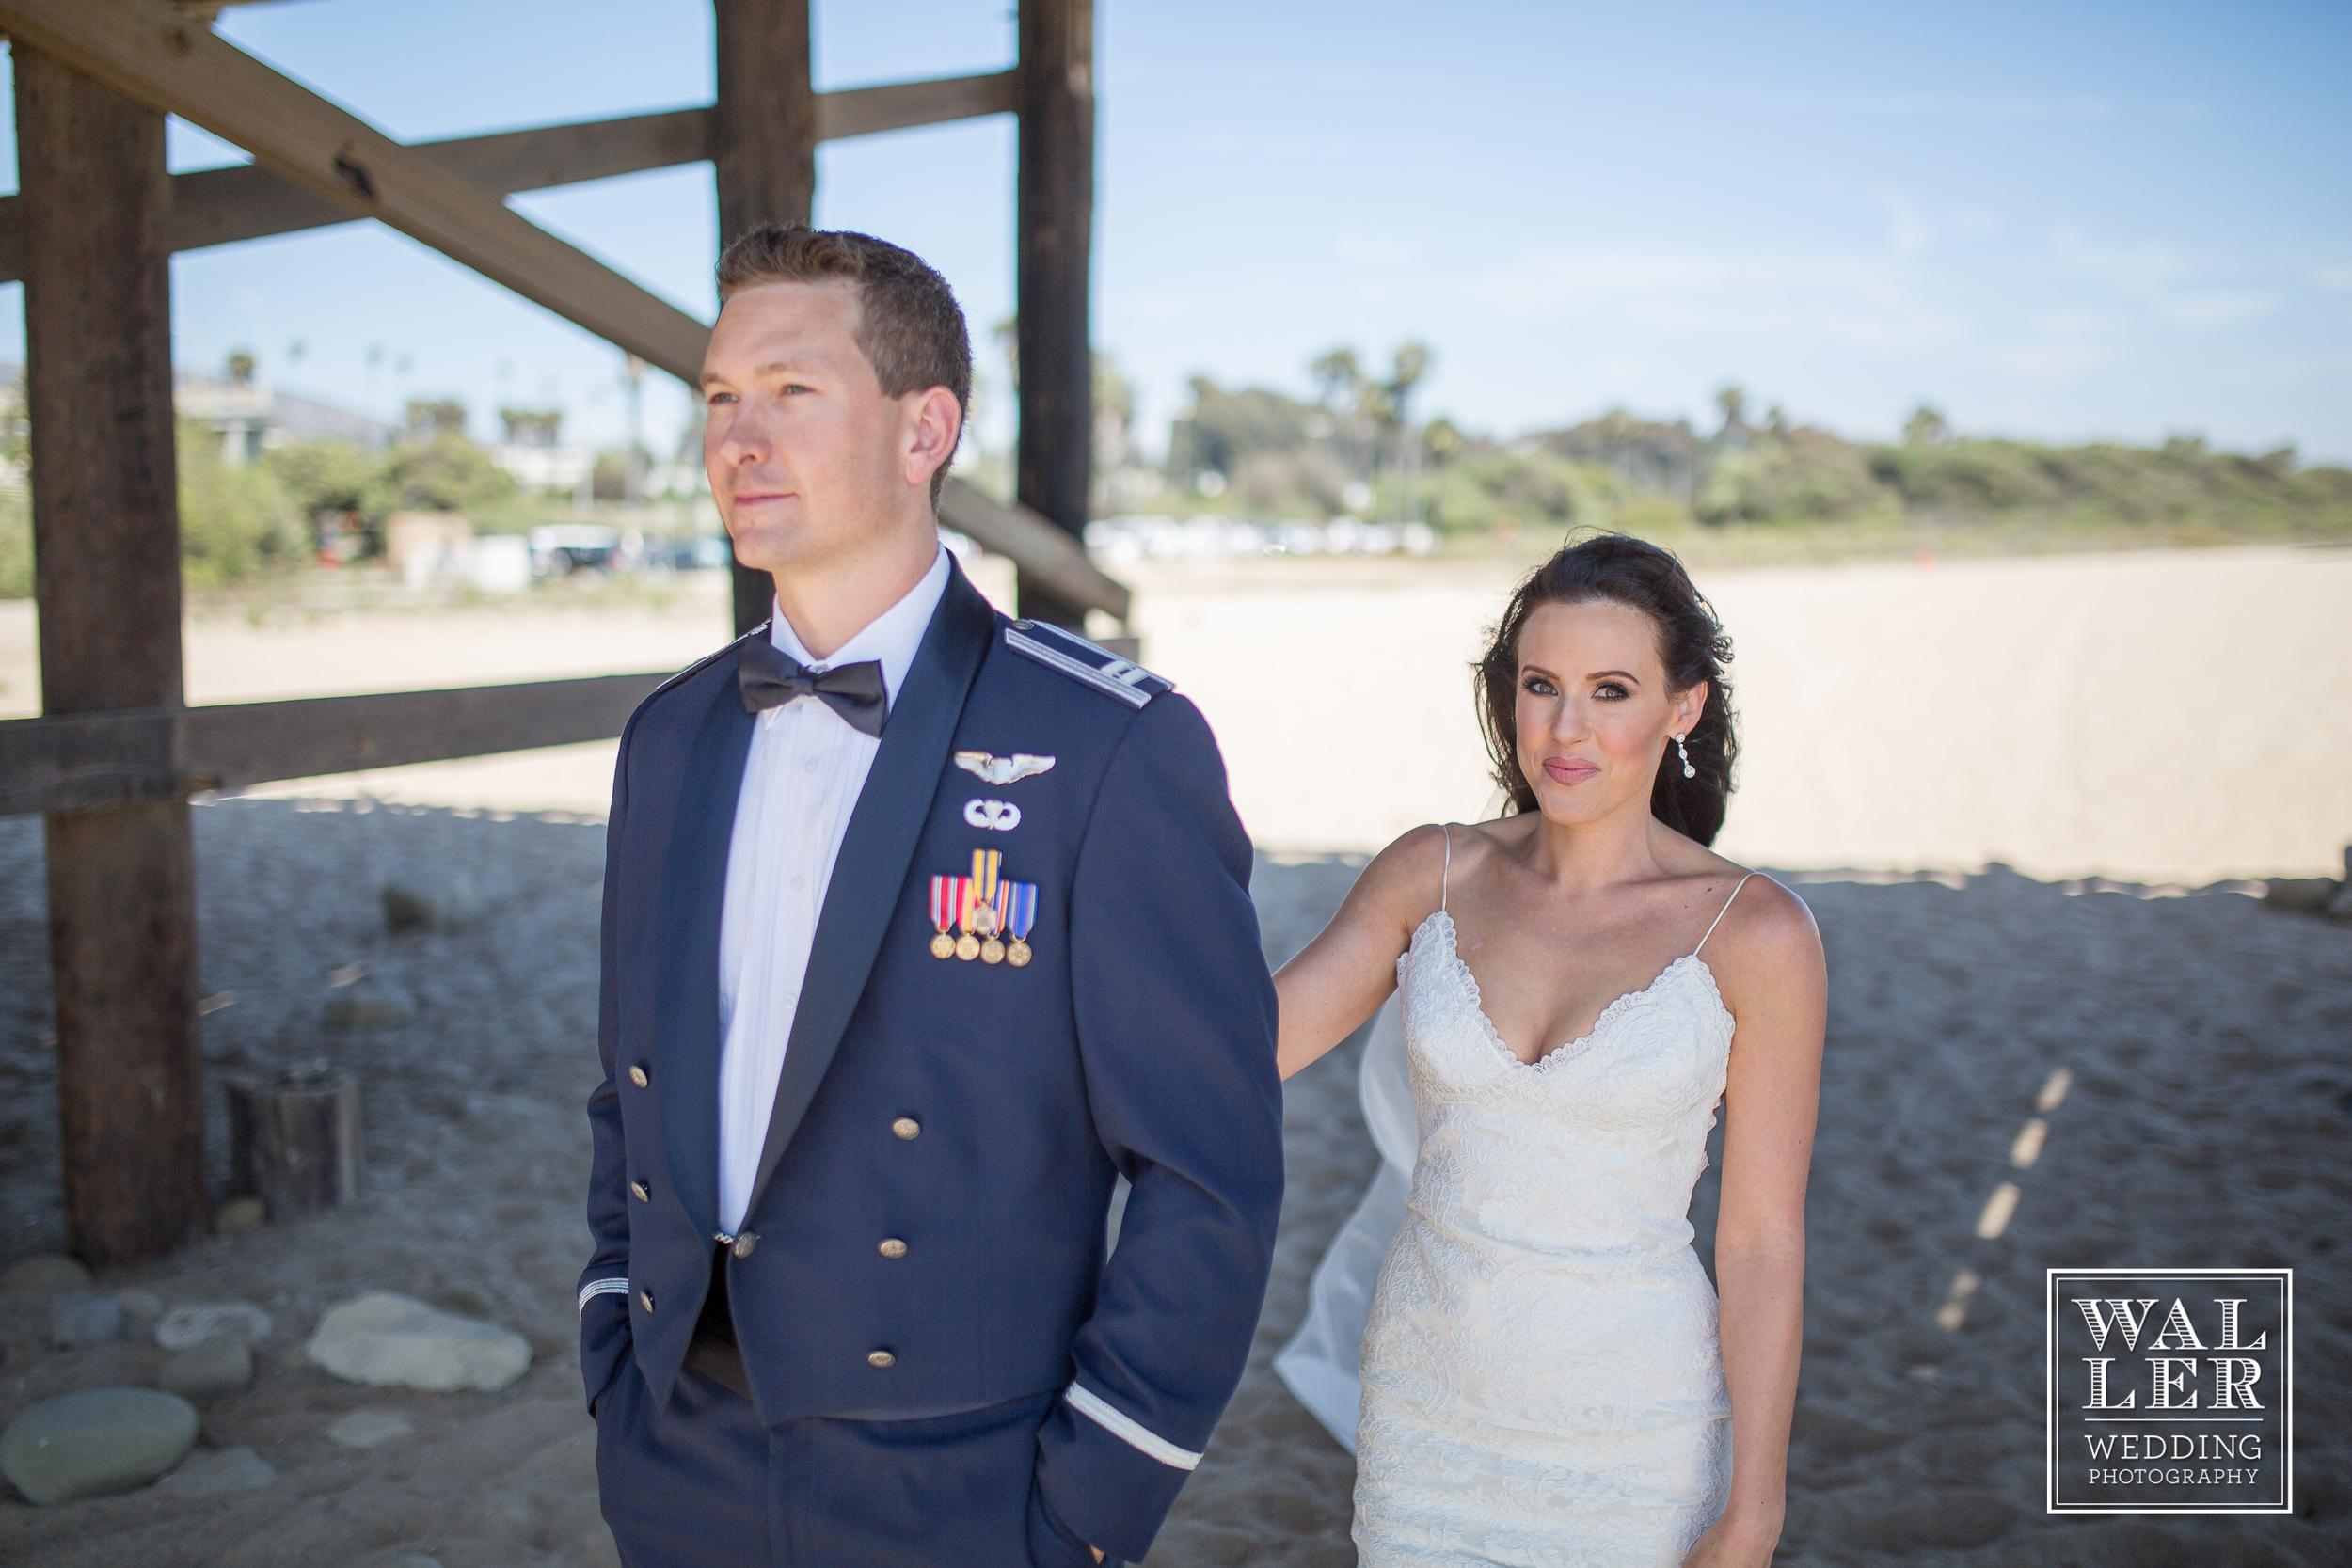 waller weddings-14.jpg